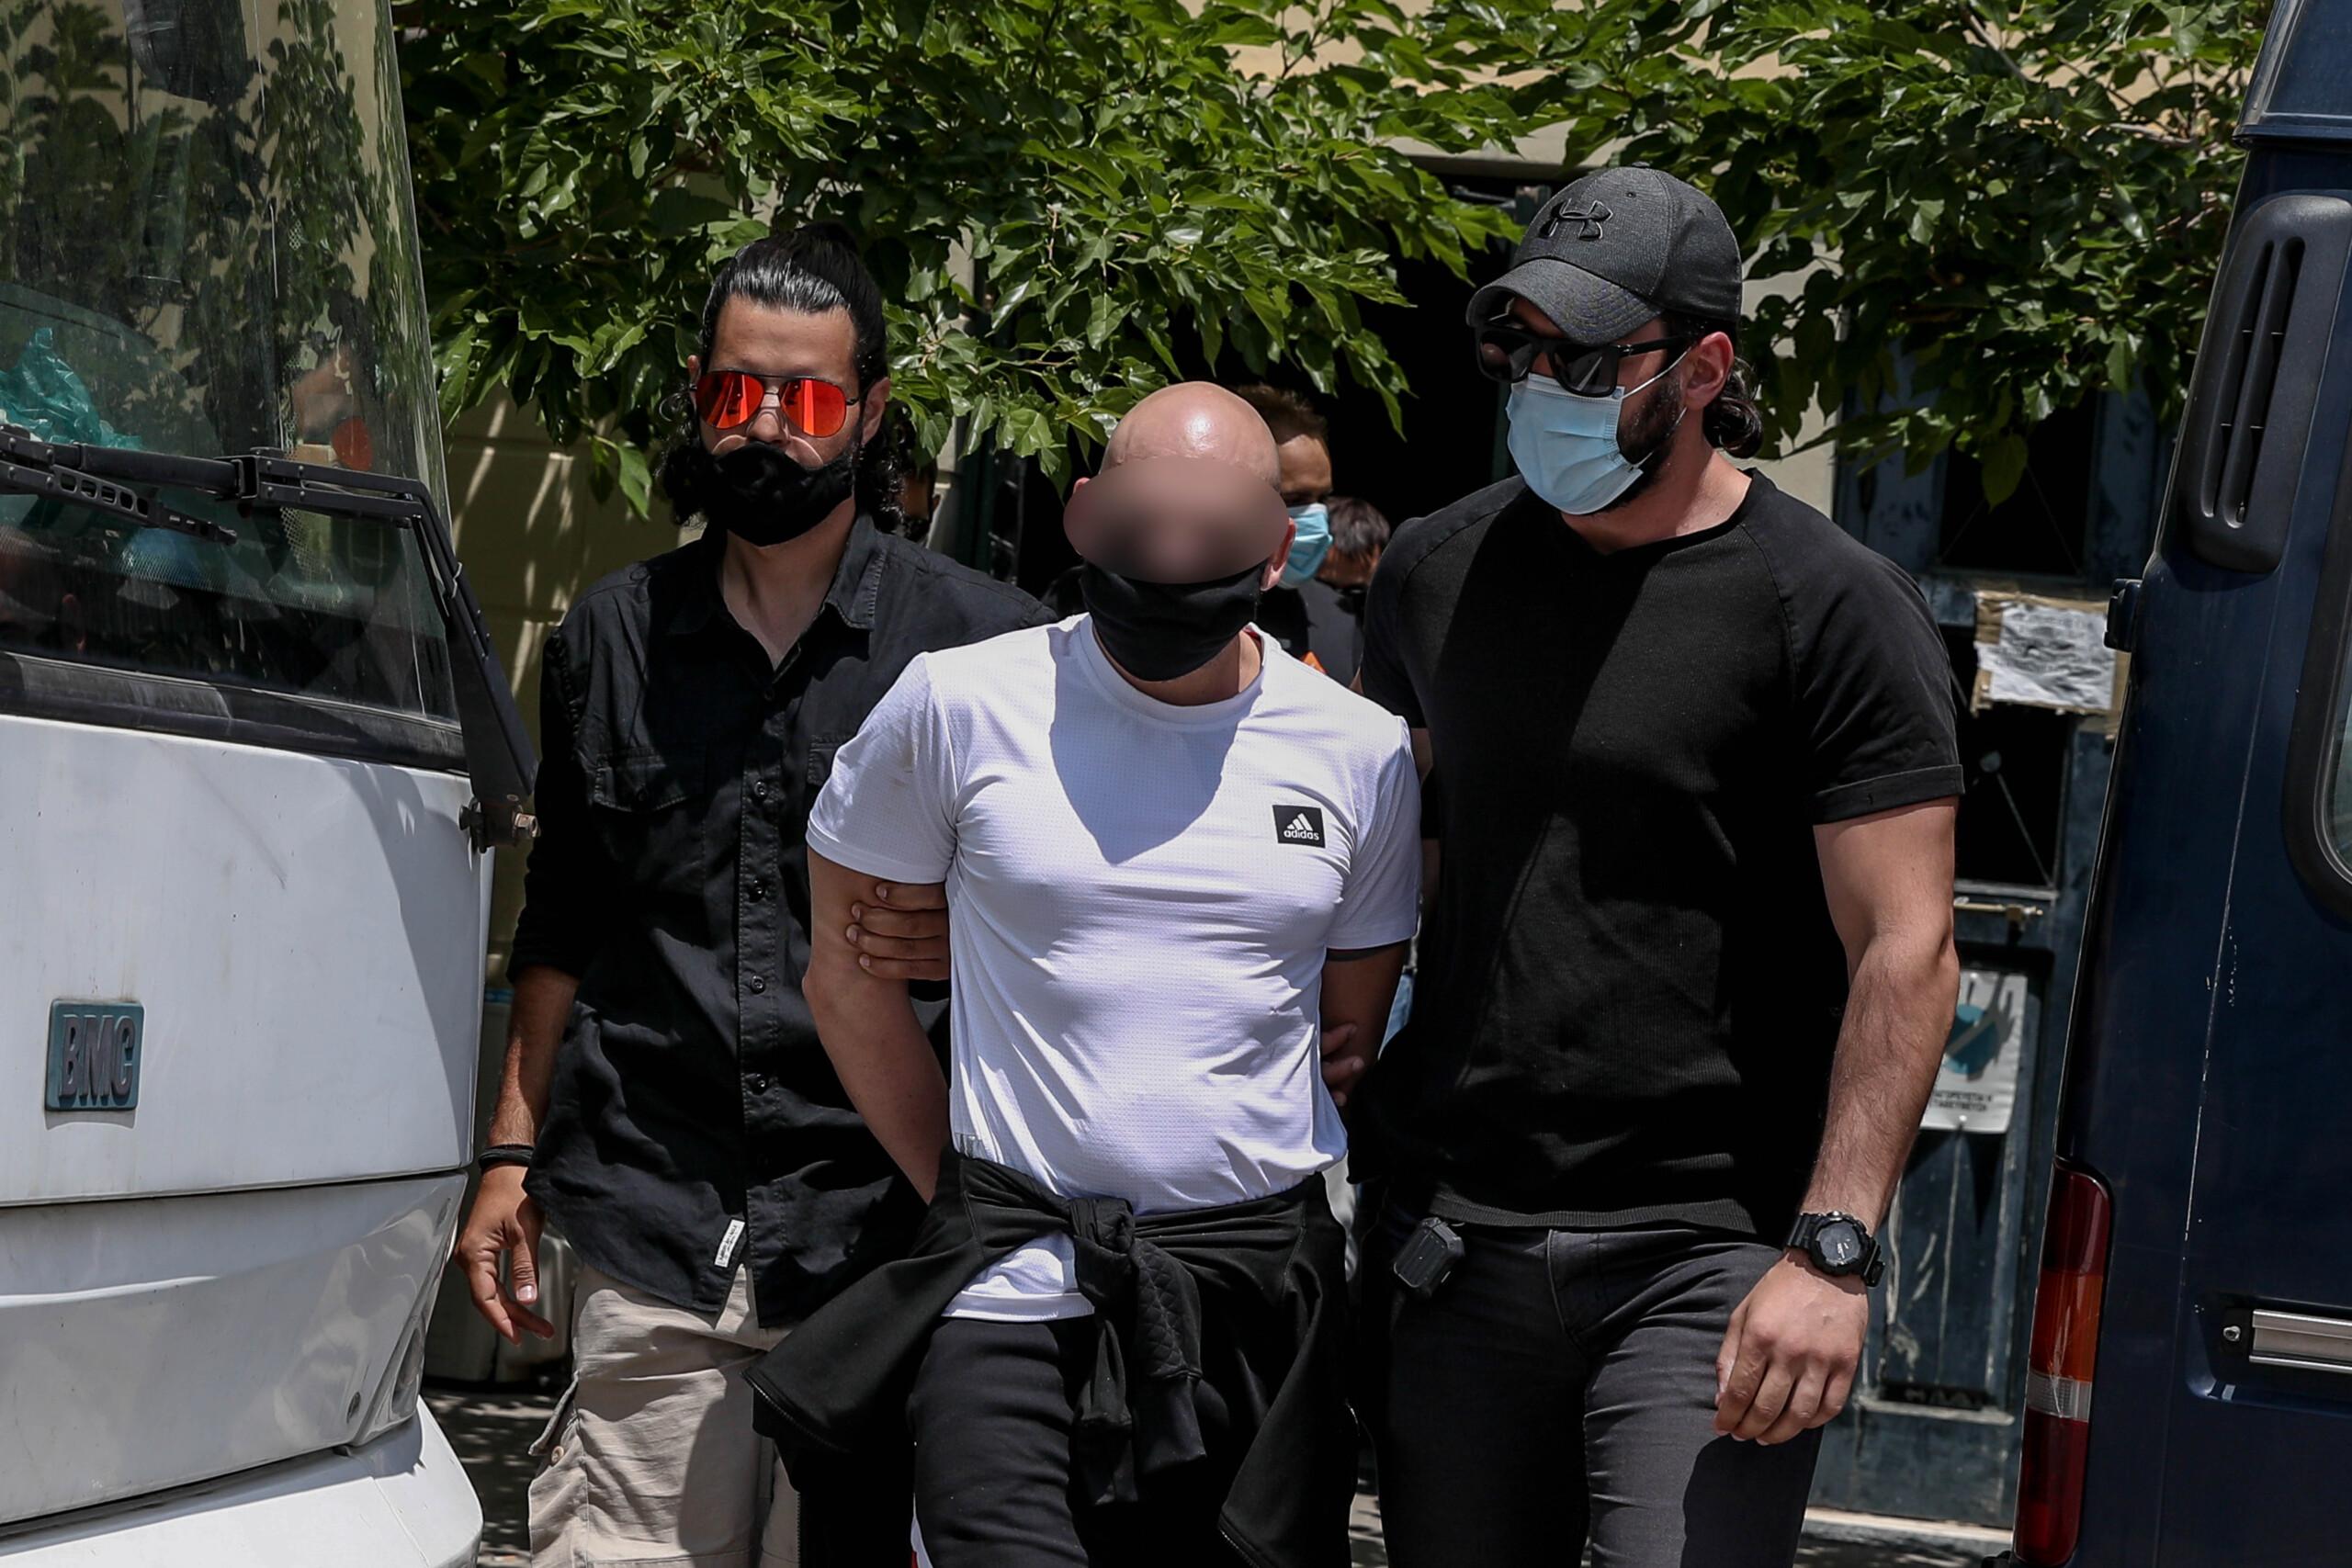 Αρνείται τις κατηγορίες ο φερόμενος ως φυσικός αυτουργός της δολοφονίας της συζύγου του Κορφιάτη και της απόπειρας δολοφονίας εις βάρος του επιχειρηματία – Τι υποστήριξε στην απολογία του